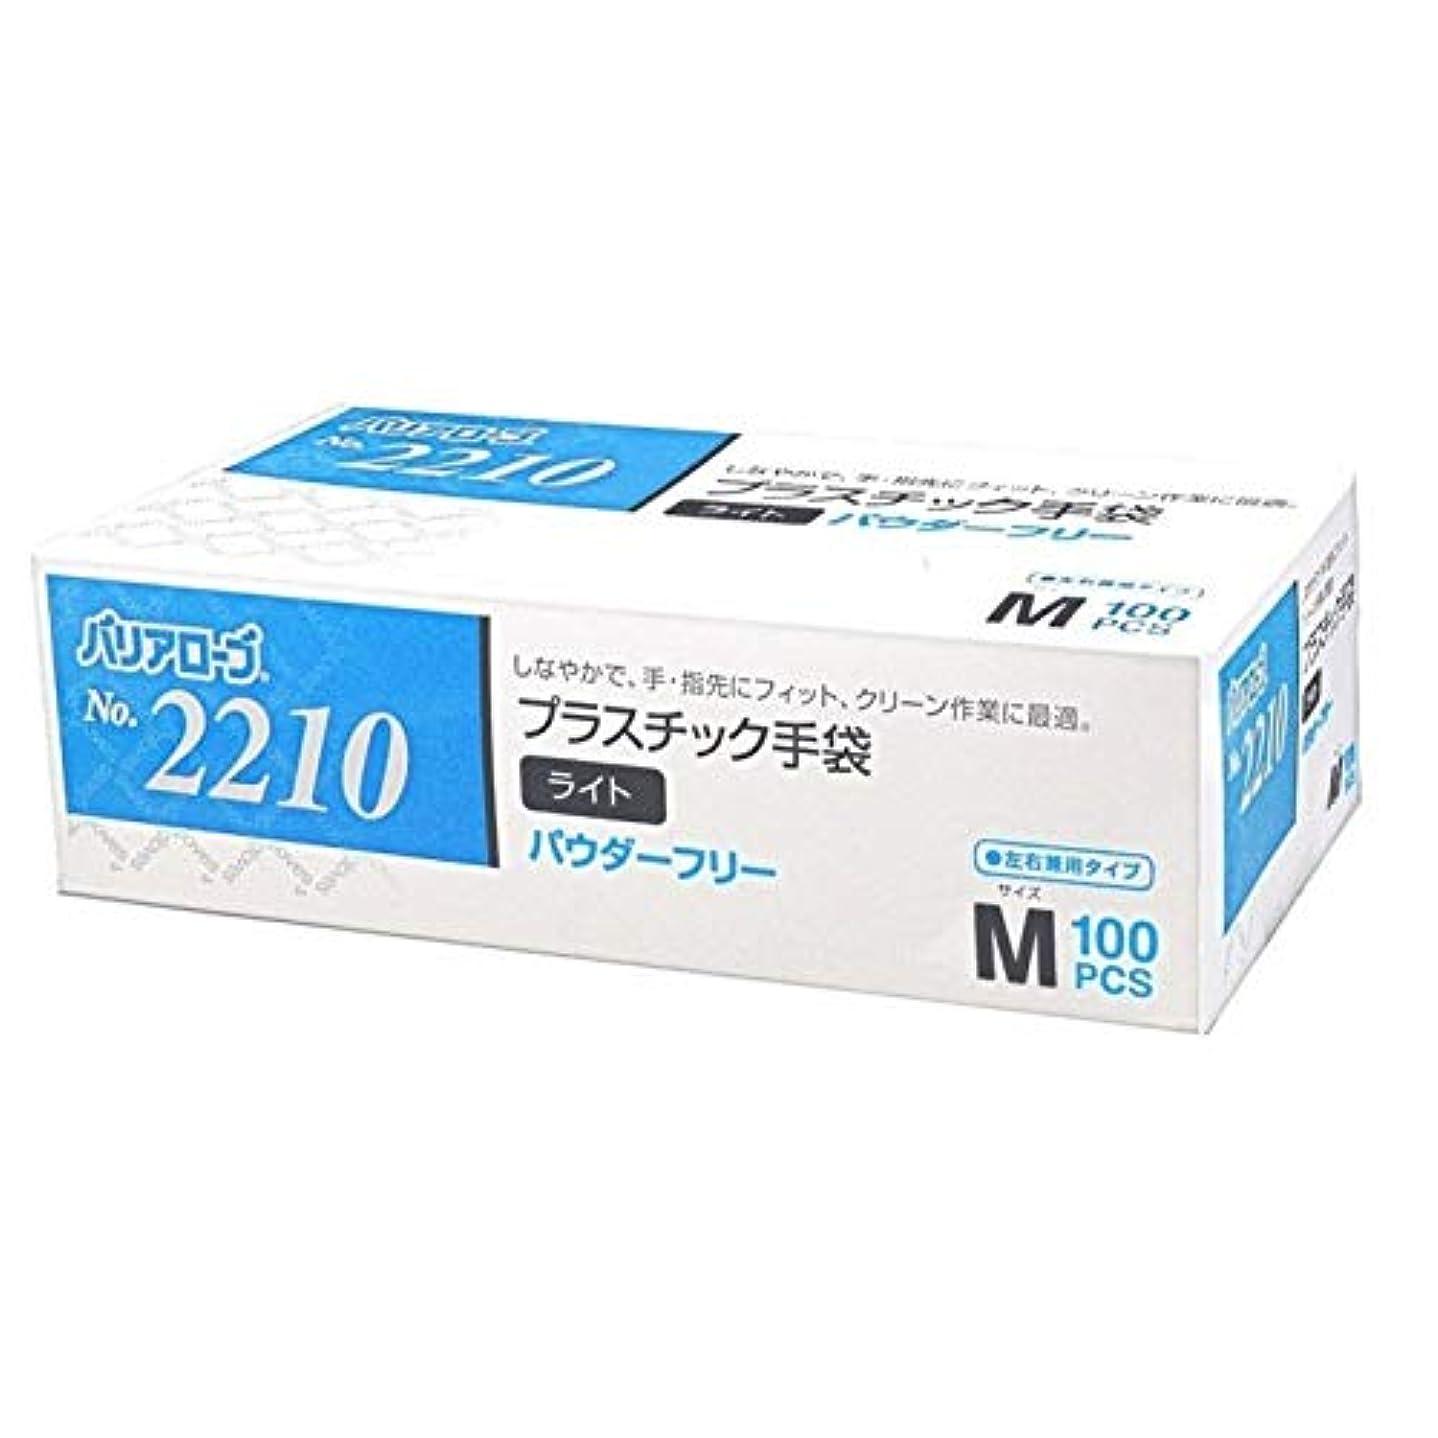 安心線近代化する【ケース販売】 バリアローブ №2210 プラスチック手袋 ライト (パウダーフリー) M 2000枚(100枚×20箱)